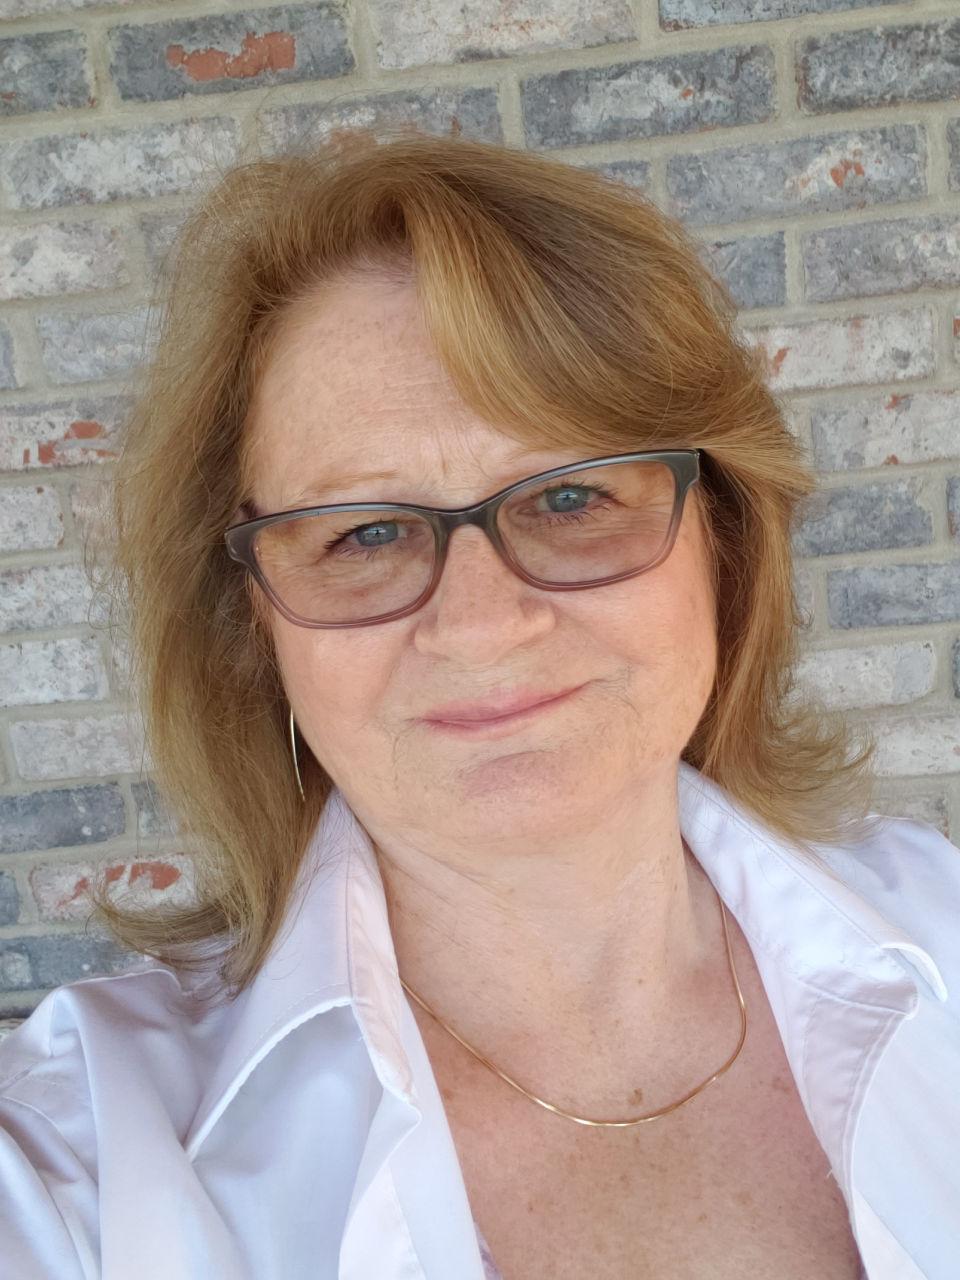 Jillian Starman, Ph.D.